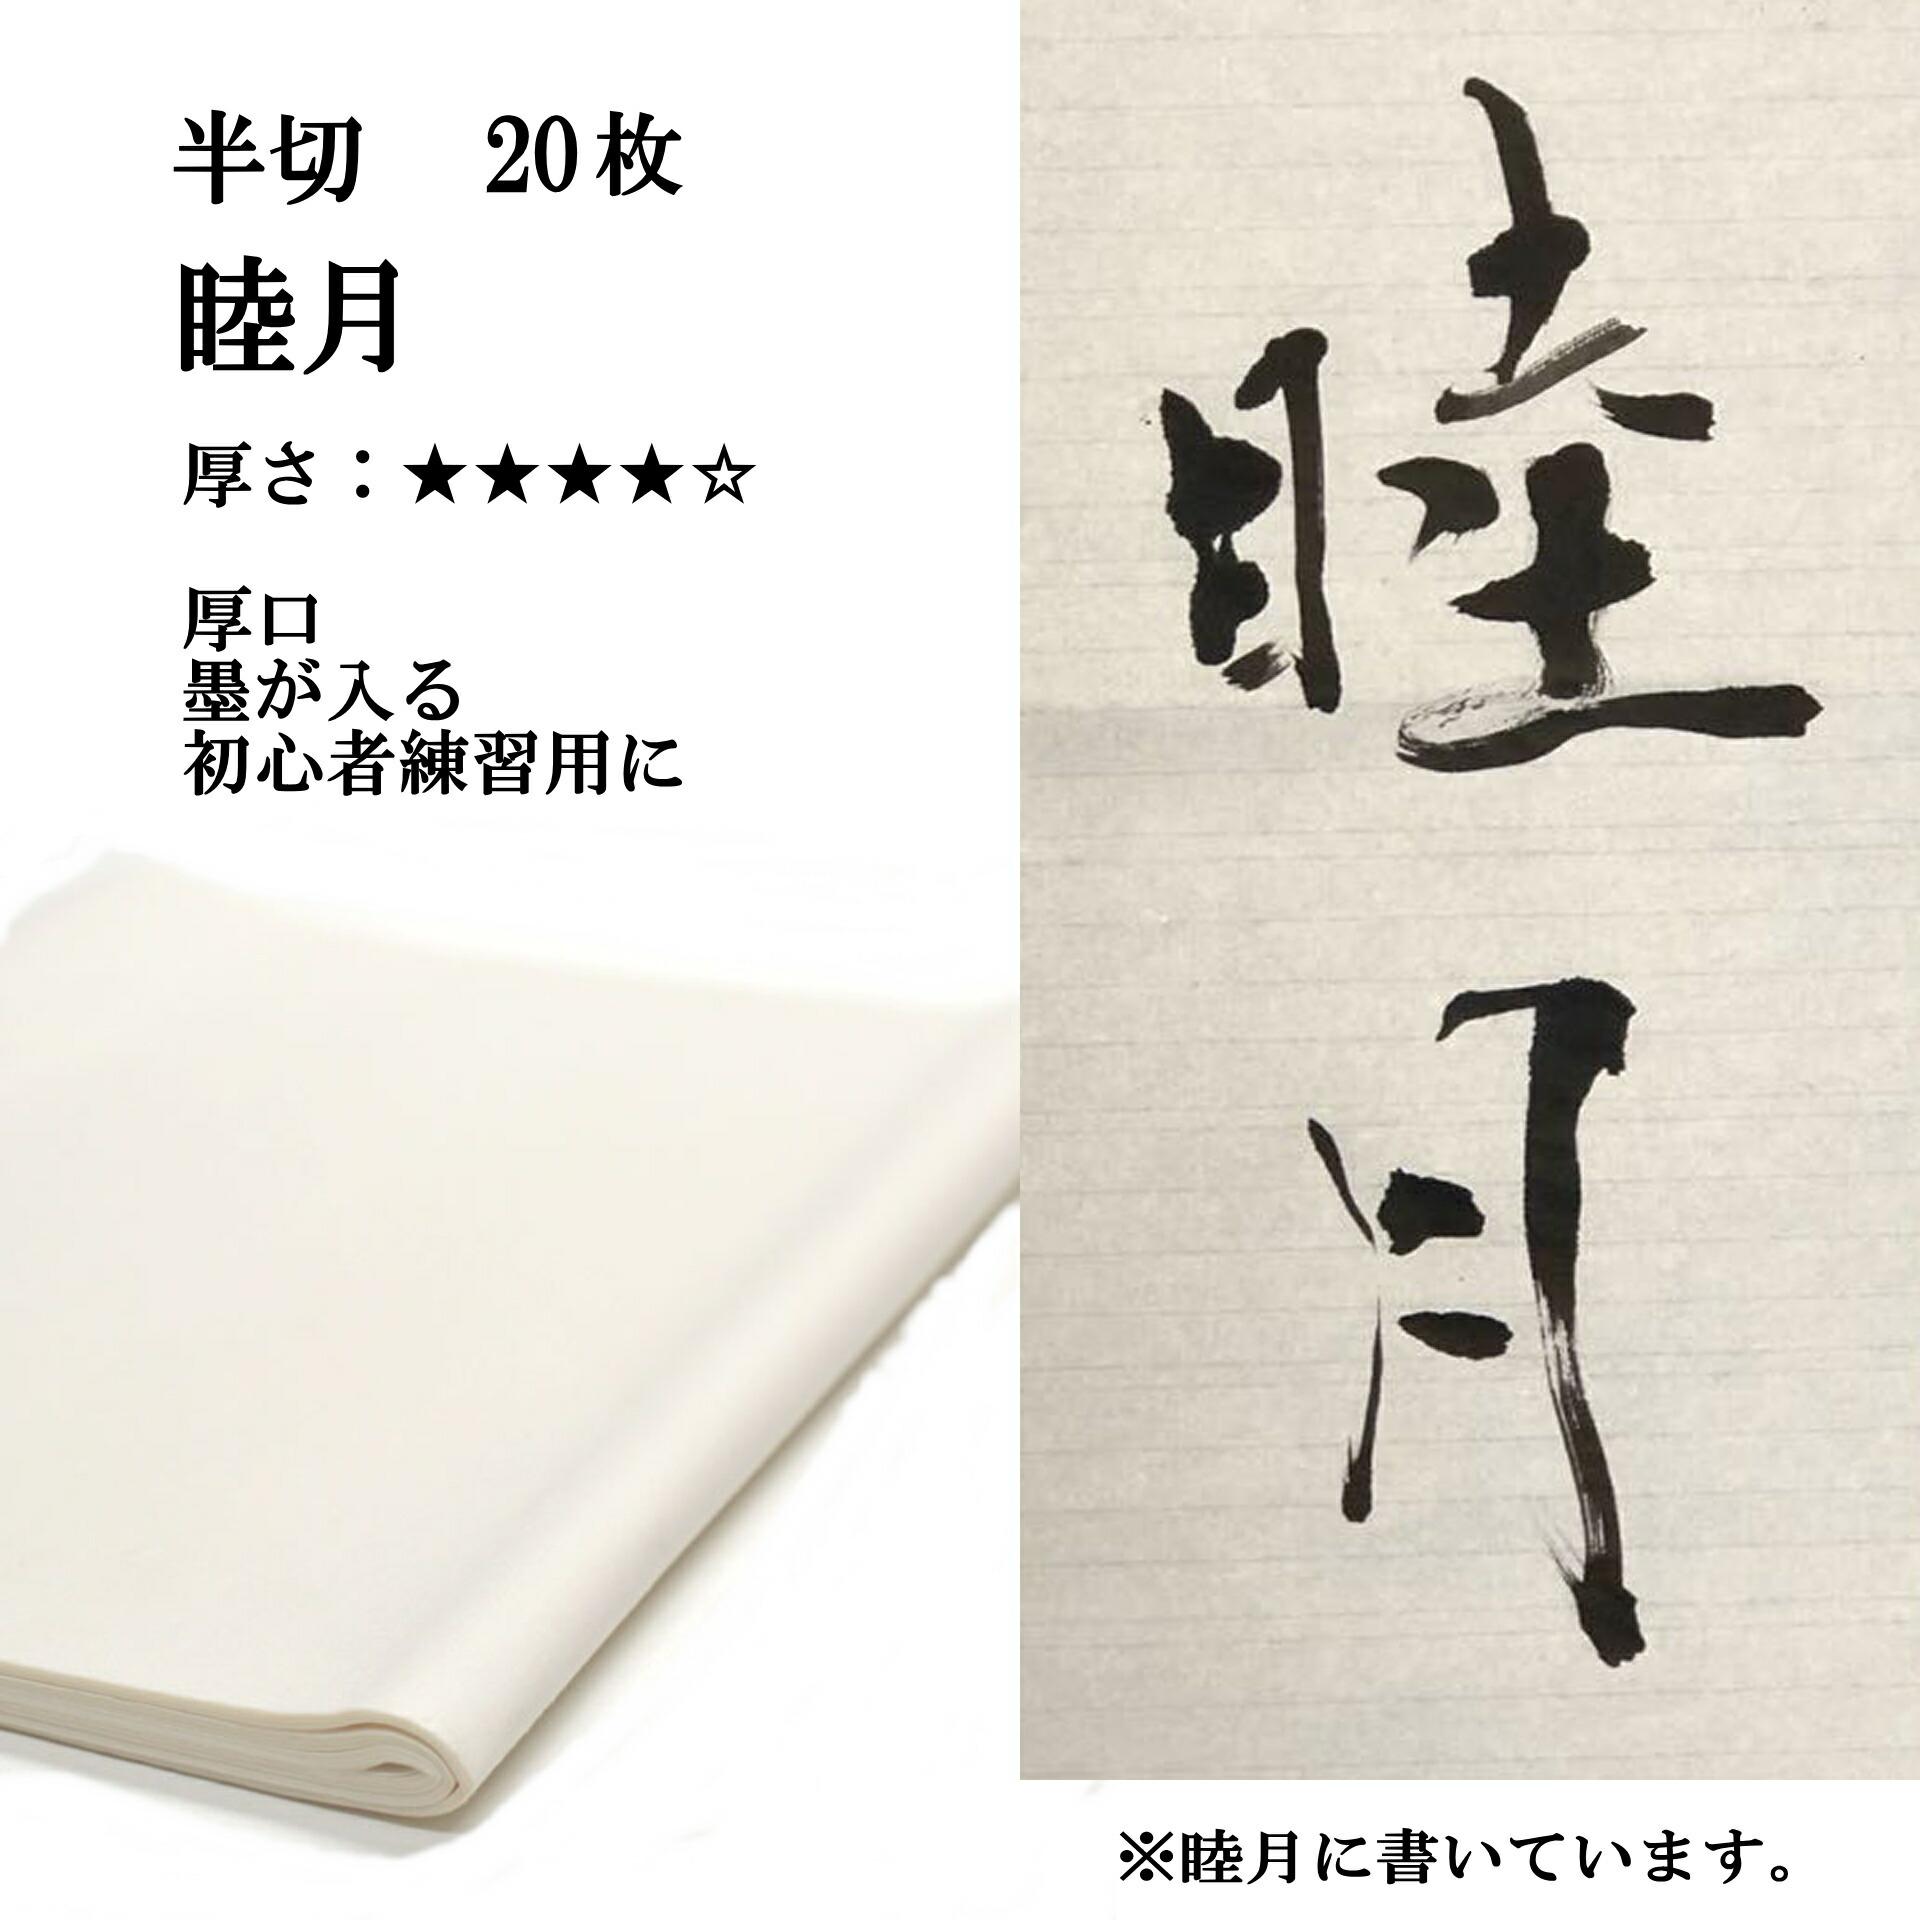 手漉き画仙紙 睦月 20枚